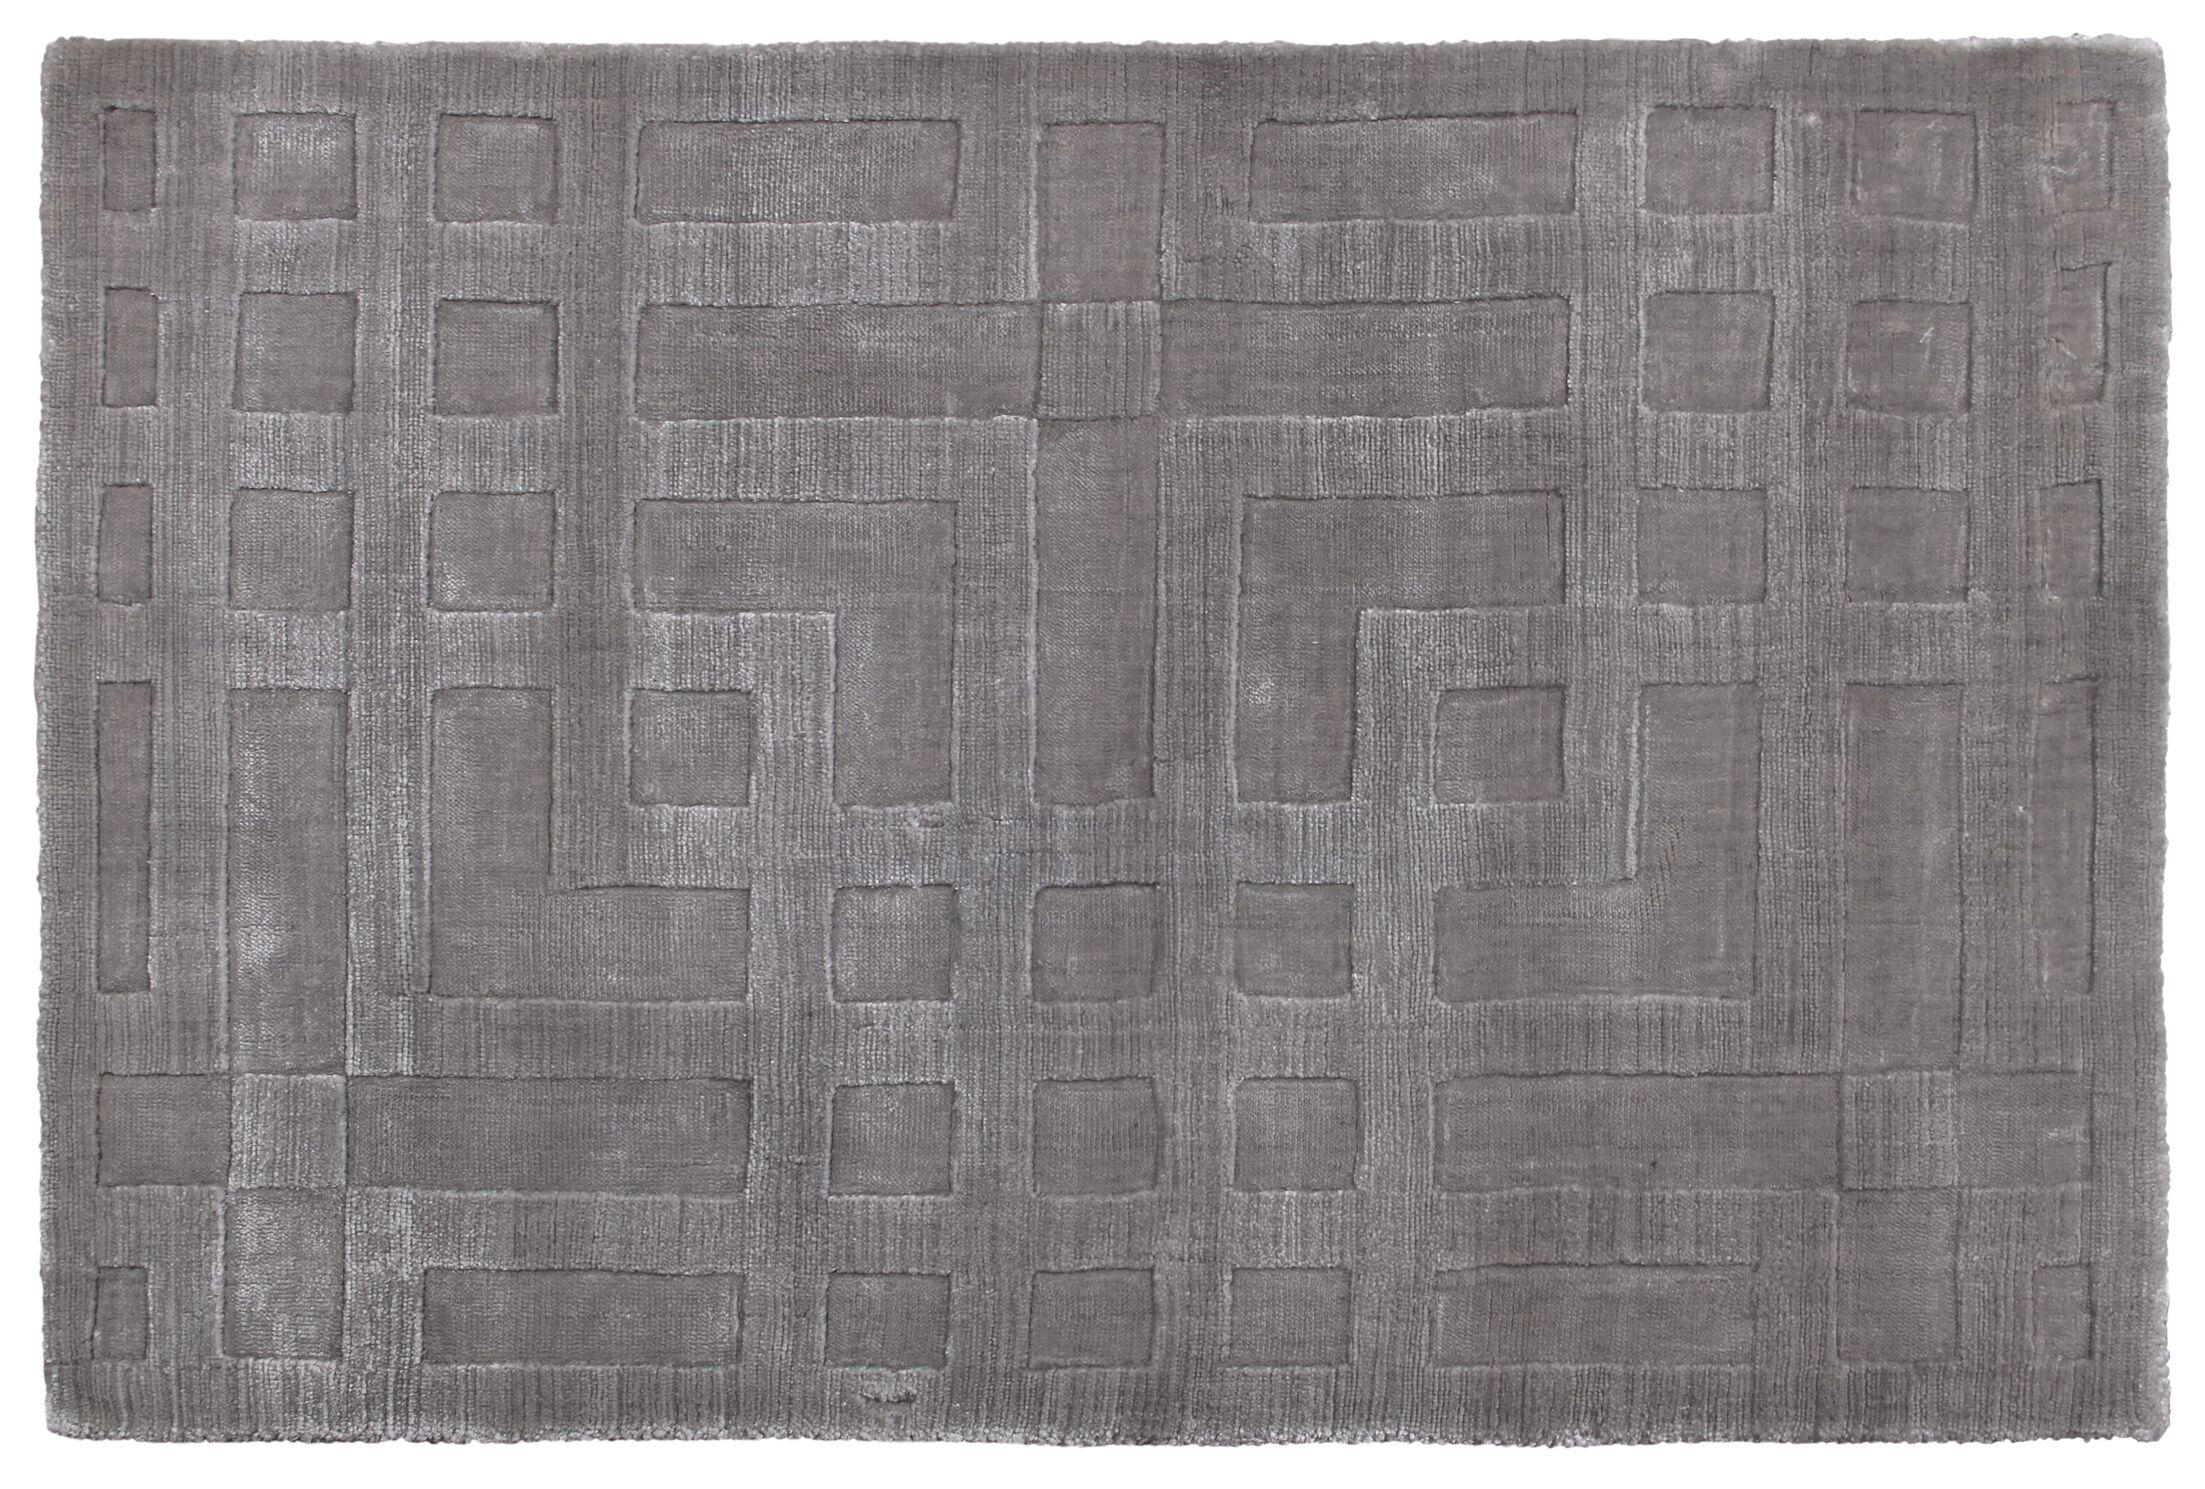 Hazel Hand-Woven Gray Area Rug Rug Size: Rectangle 8' x 10'